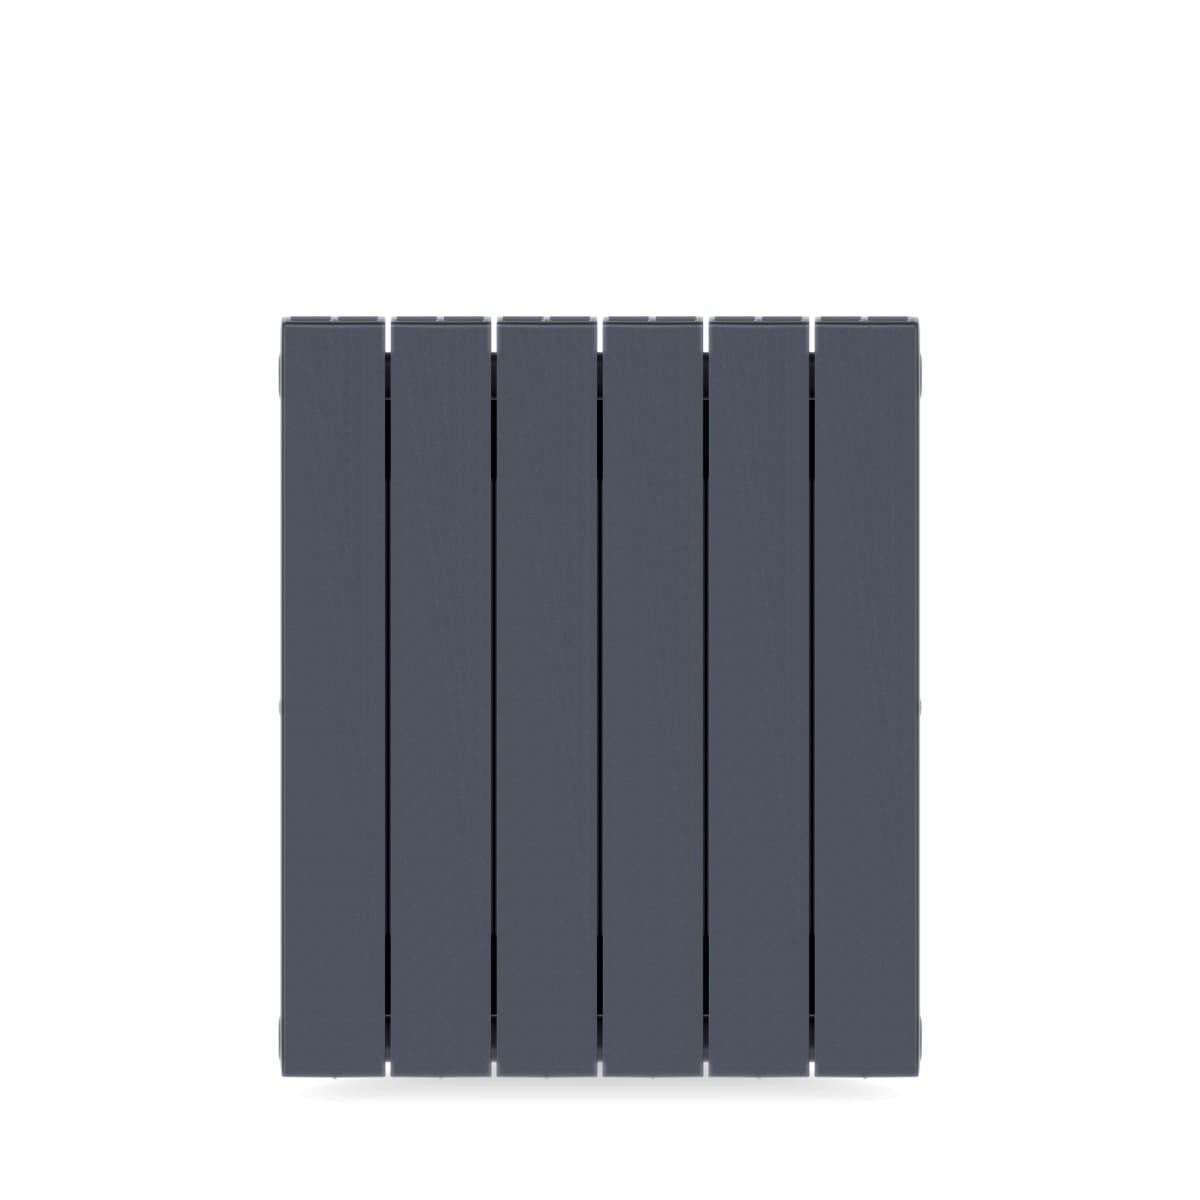 Радиатор биметаллический Rifar Supremo 500, 6 секций, цвет серый